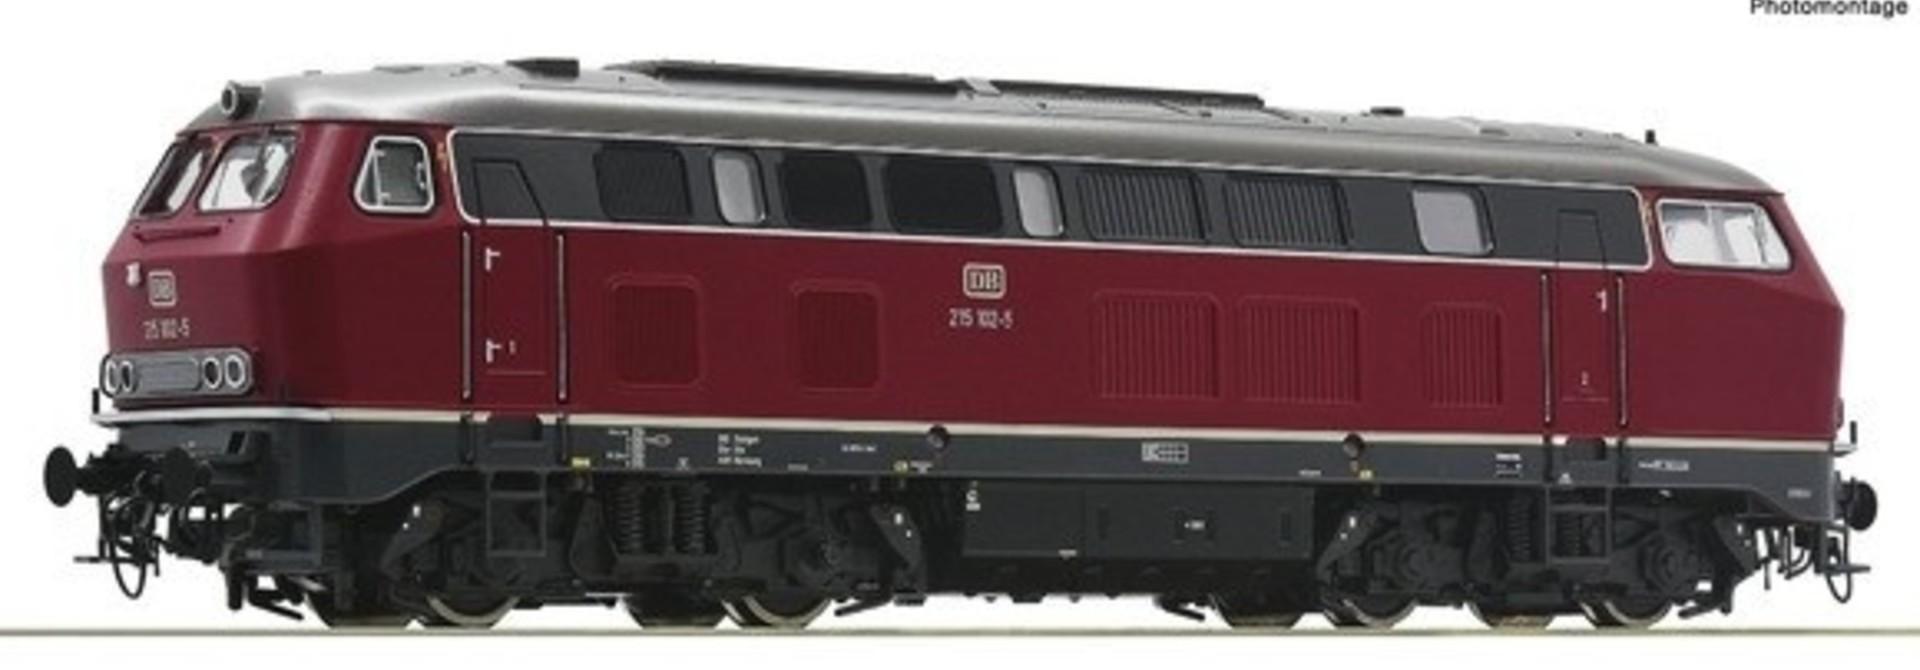 70751 Diesellocomotief BR 215 van de DB DC